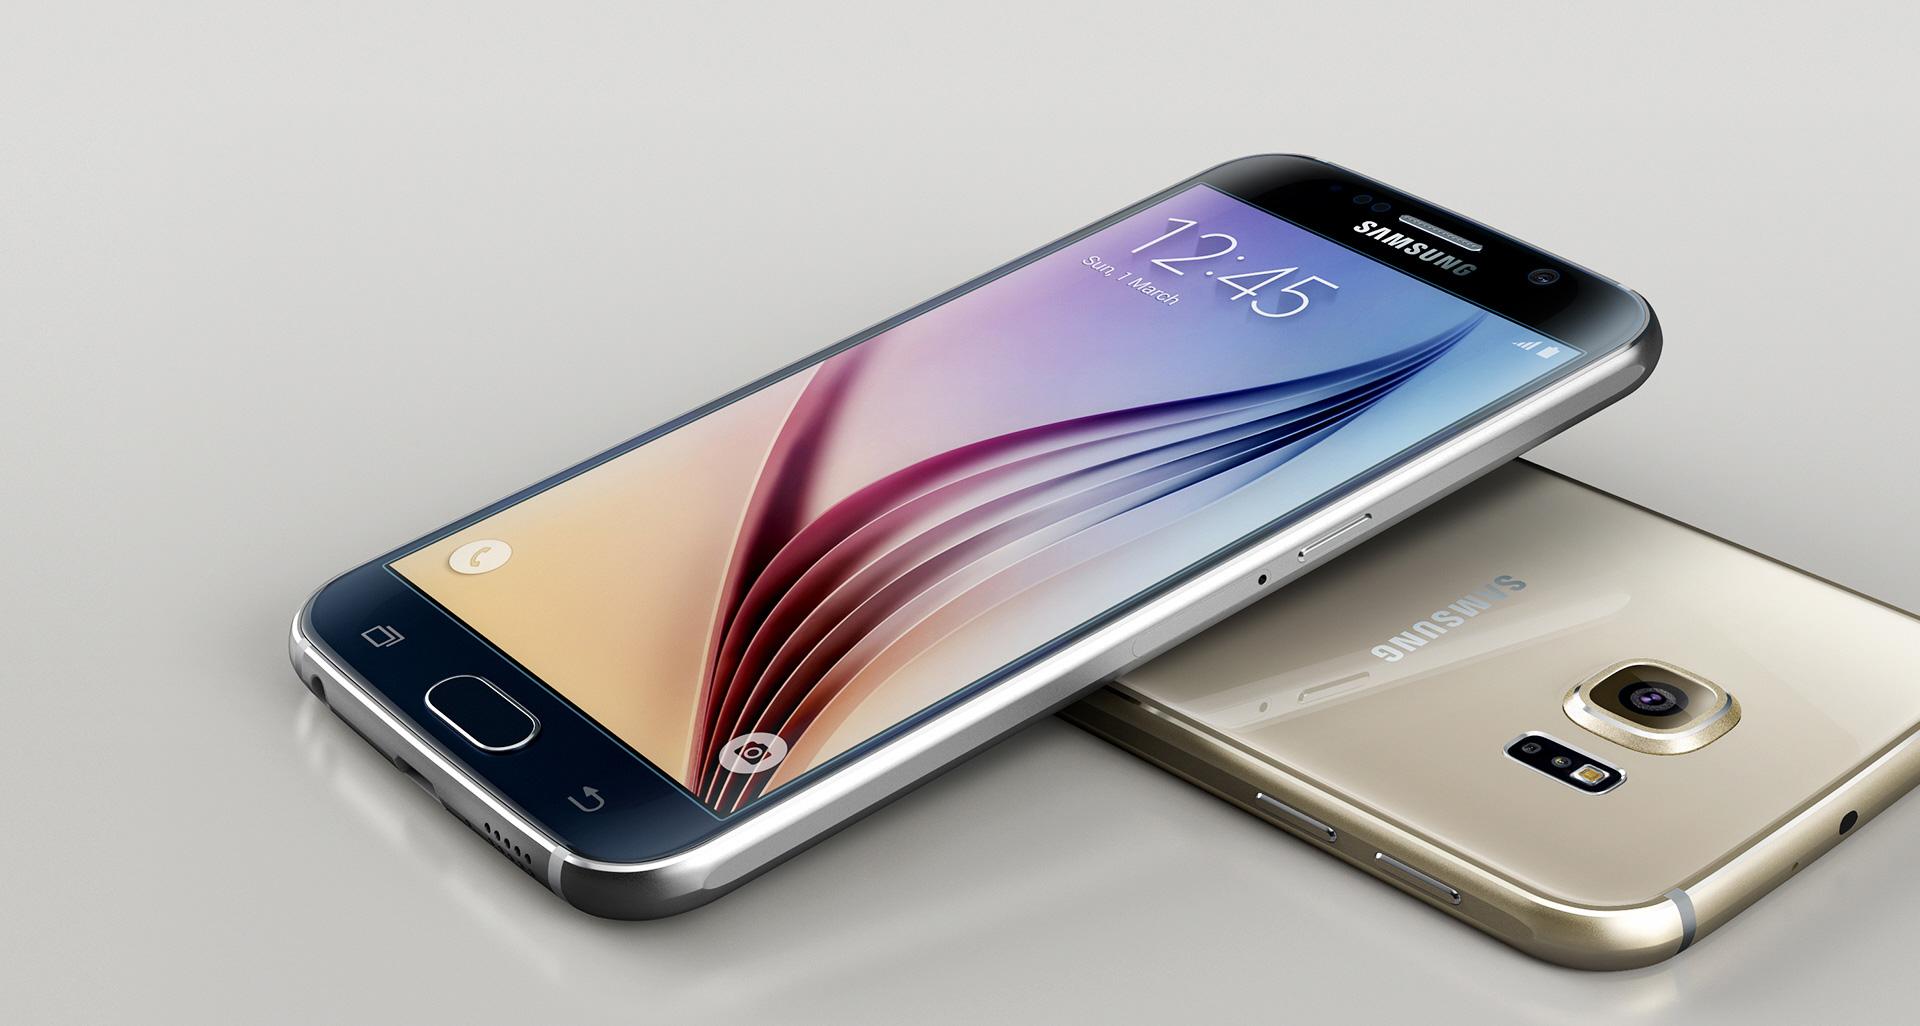 E' arrivato un Samsung Galaxy S6 bianco 32Gb